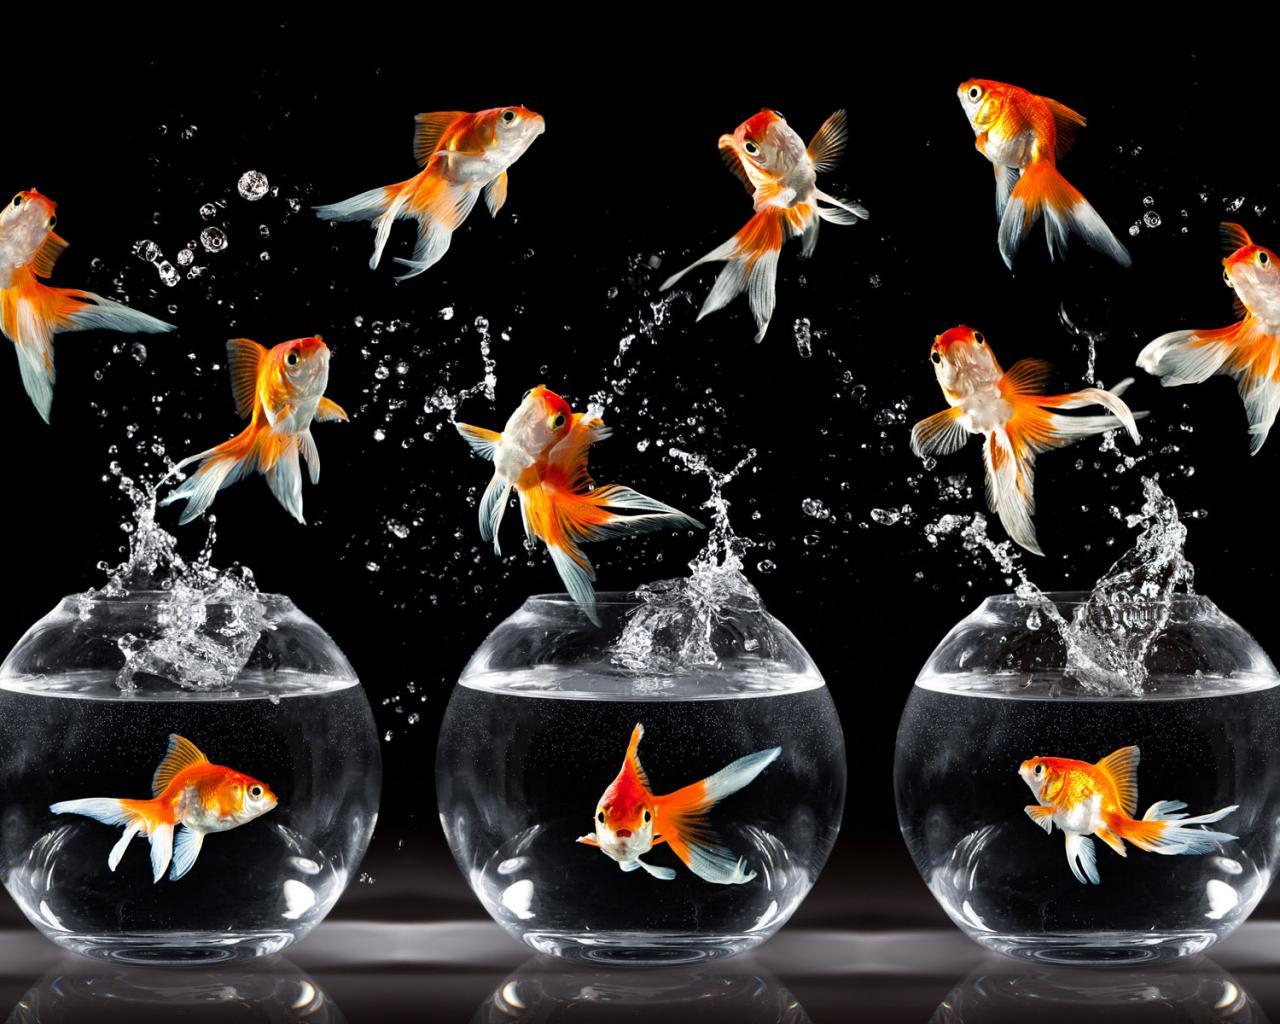 Картинки для рабочего стола аквариум с рыбками 7